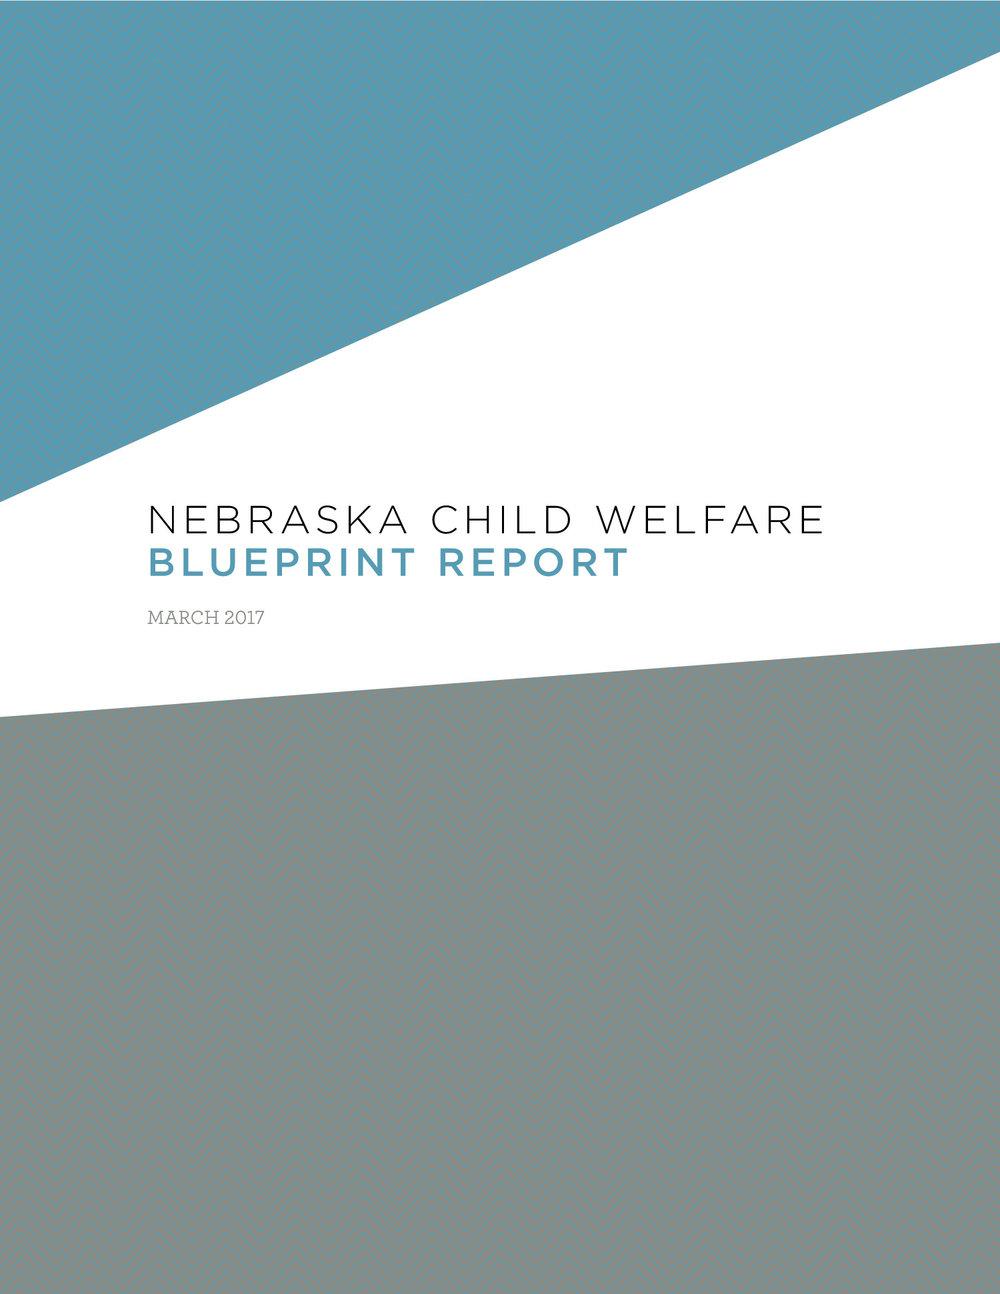 NebraskaChildWelfareBlueprint.jpg